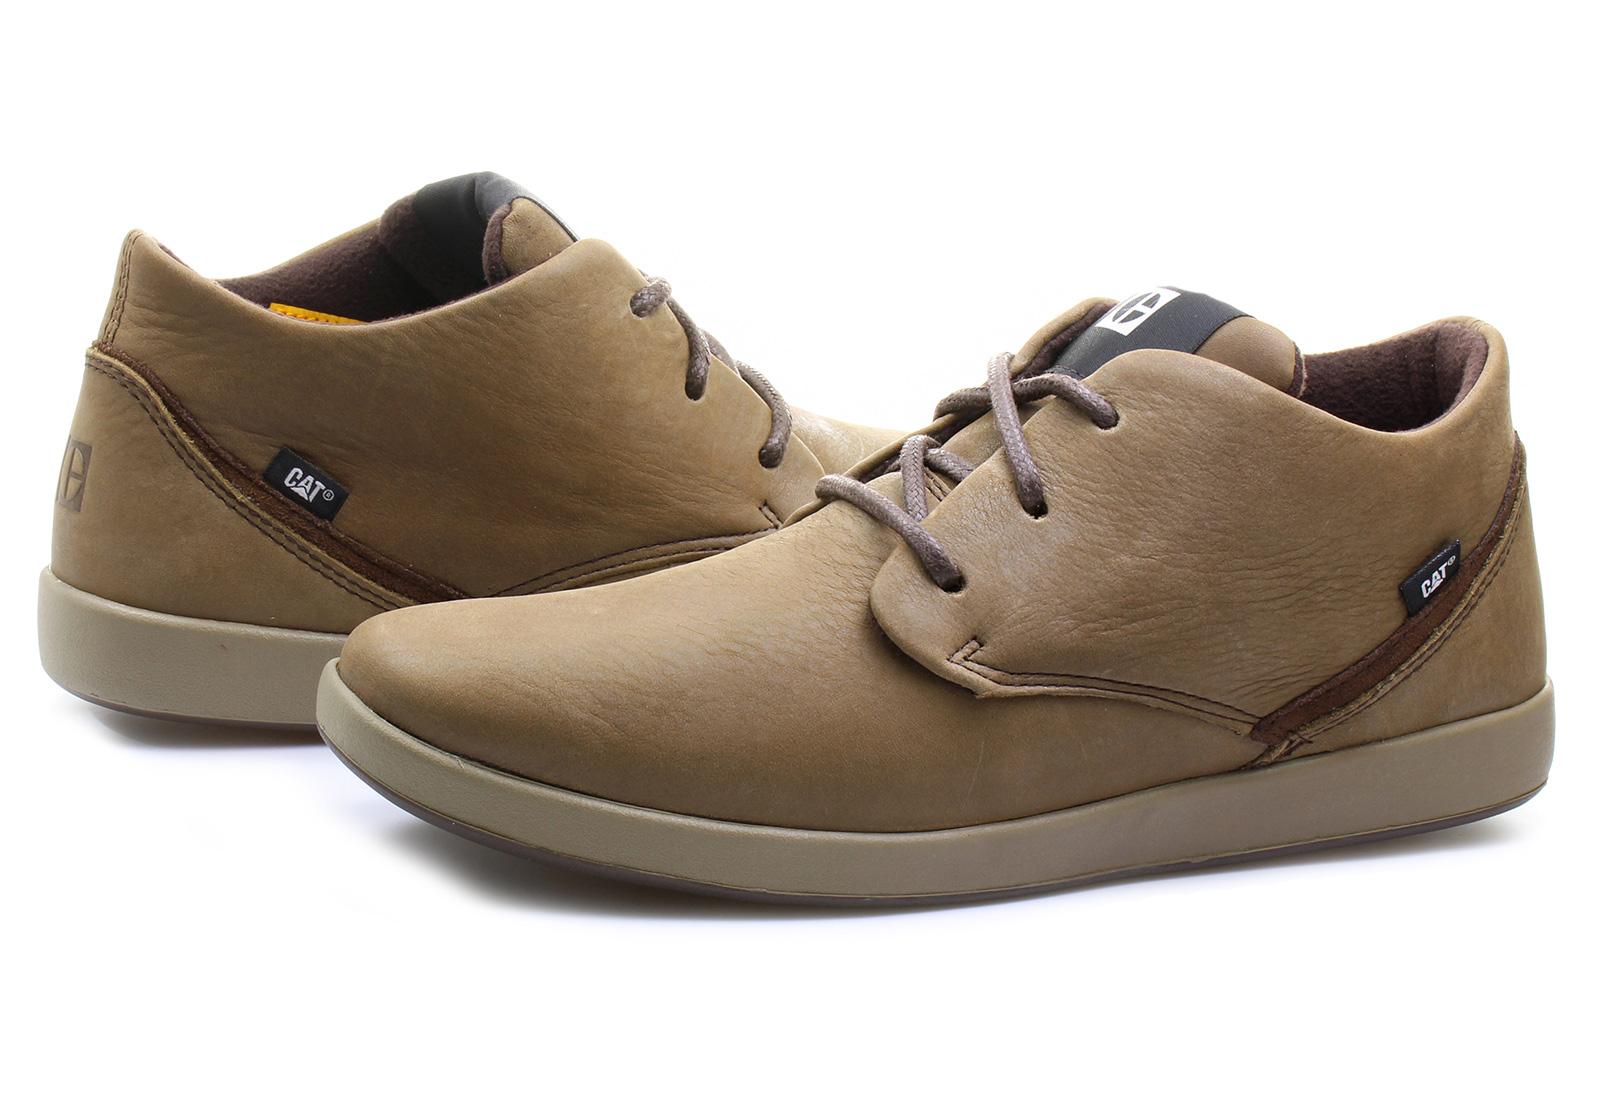 Cat Cipő - Parkdale - 715307-mos - Office Shoes Magyarország 1125212072